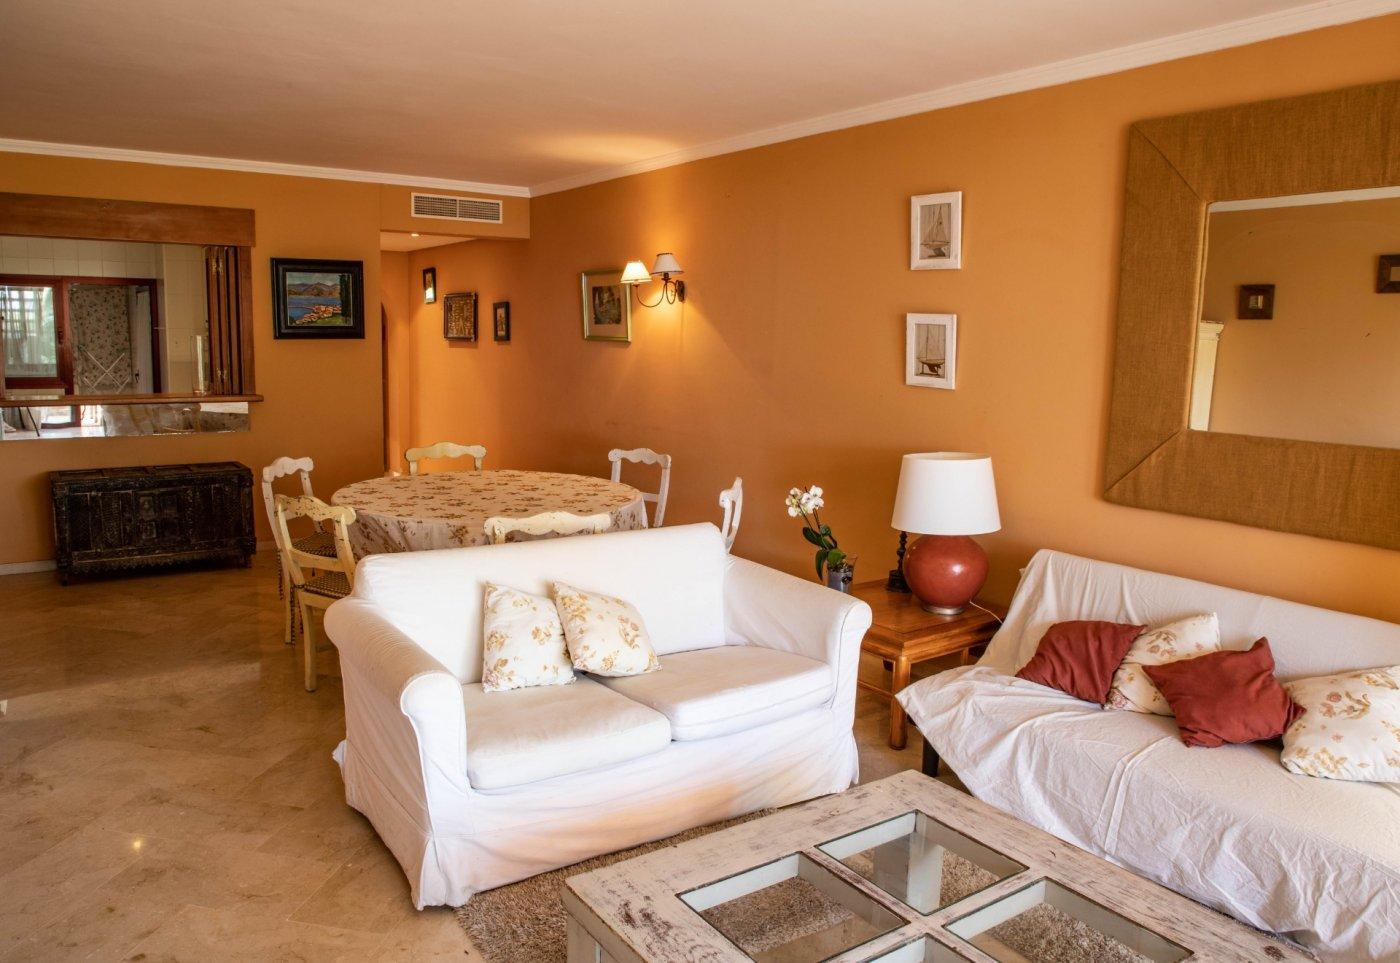 Oportunidad de comprar un precioso apartamento en santa ponsa a muy buen precio!! - imagenInmueble26